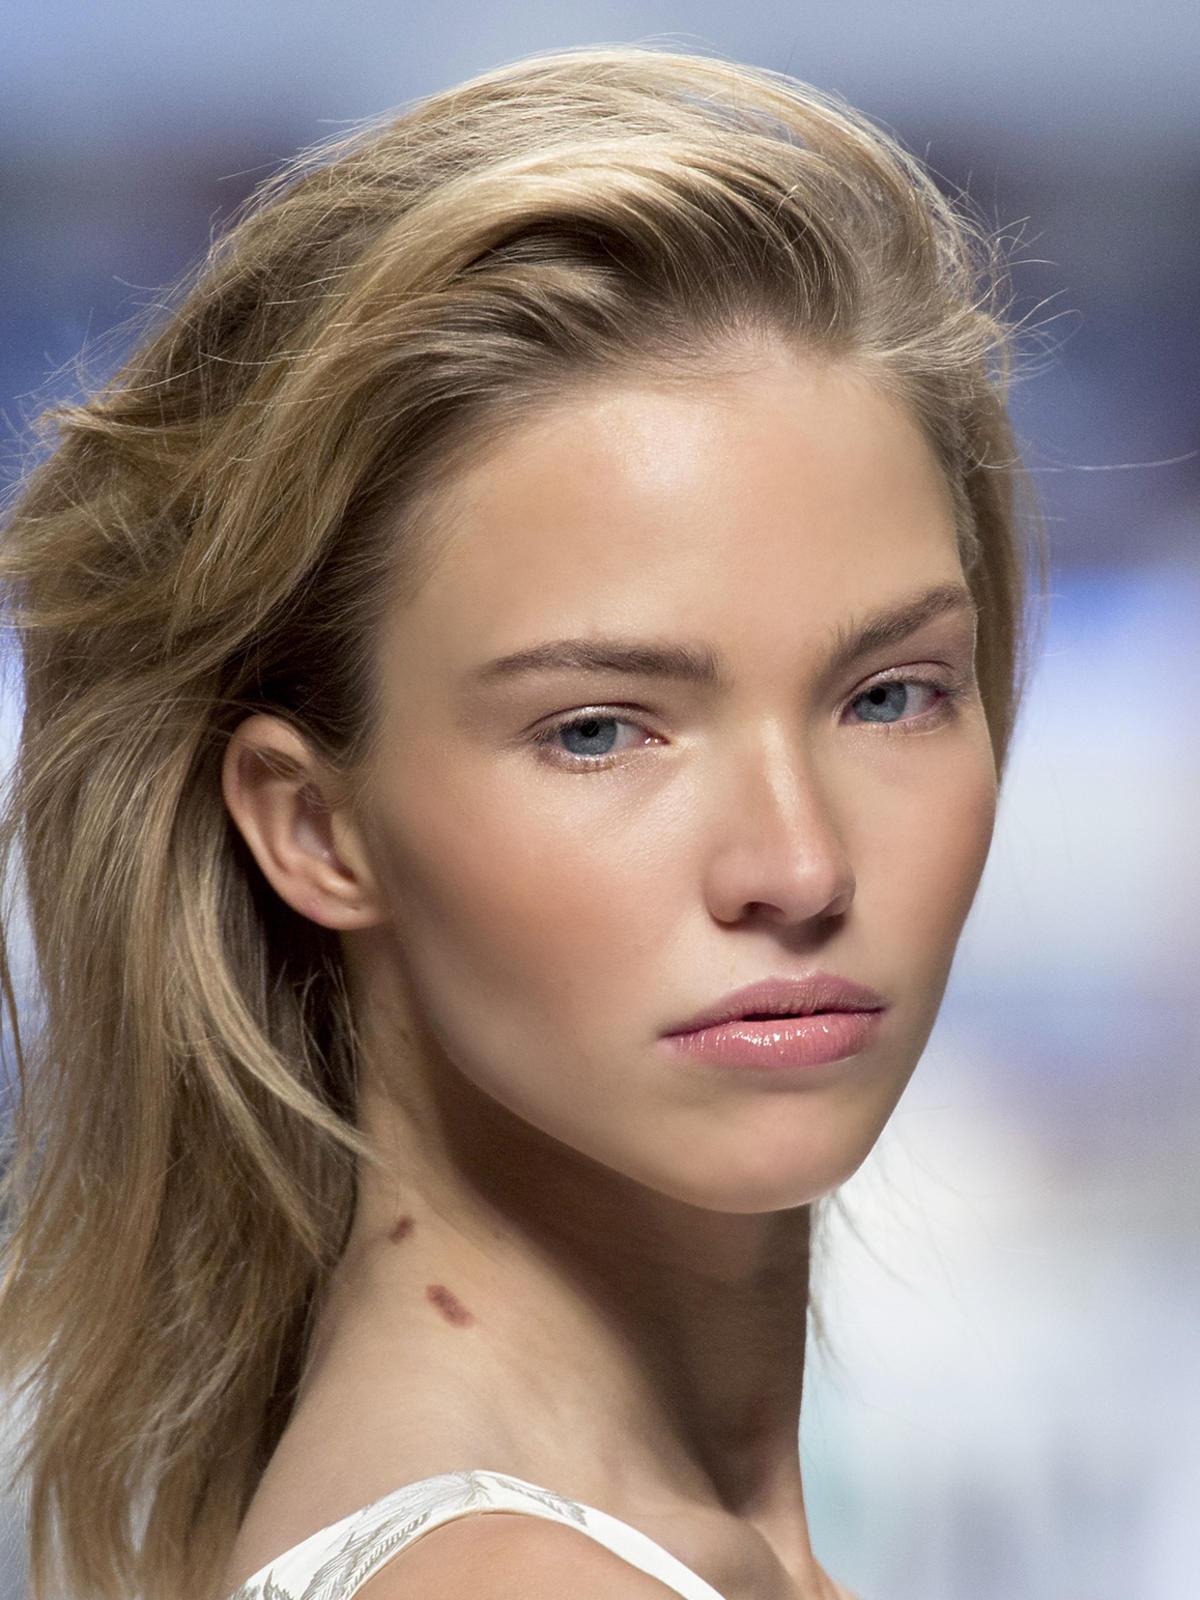 Półdługie włosy Moschino - trendy we fryzurach na jesień 2015